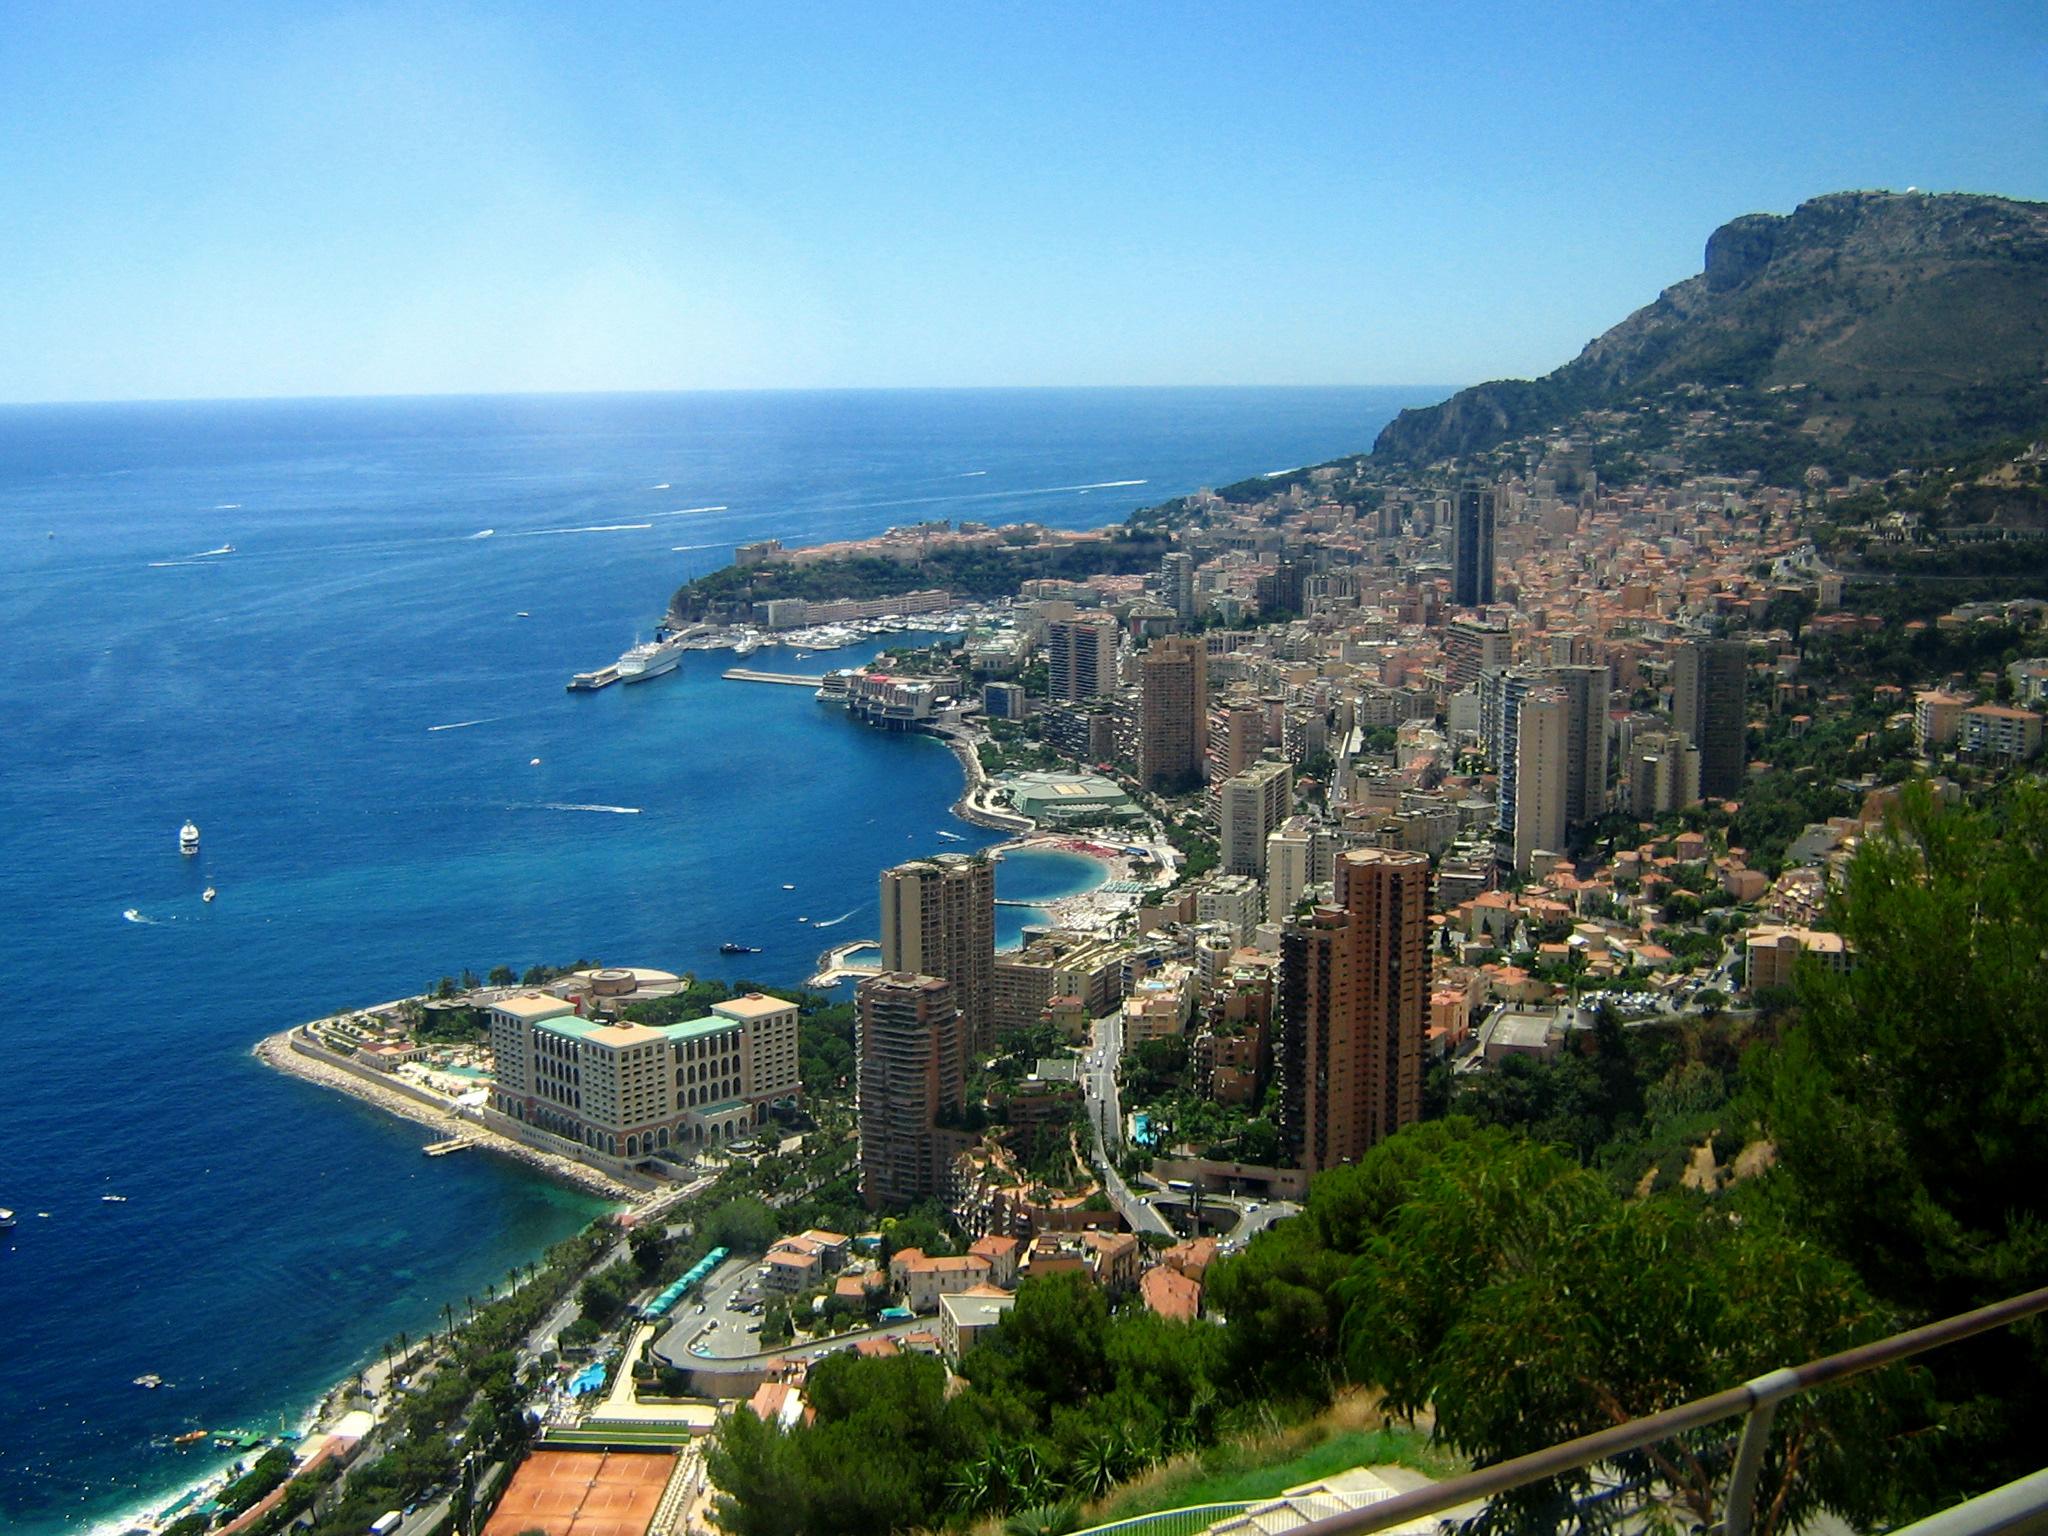 Conheça um pouco mais sobre Monte Carlo